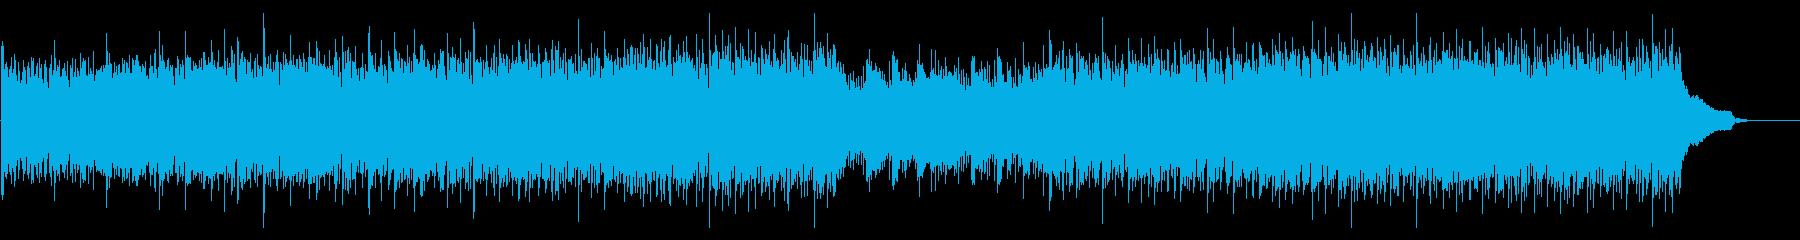 【ドラム、クラップ抜】アップテンポ爽やかの再生済みの波形